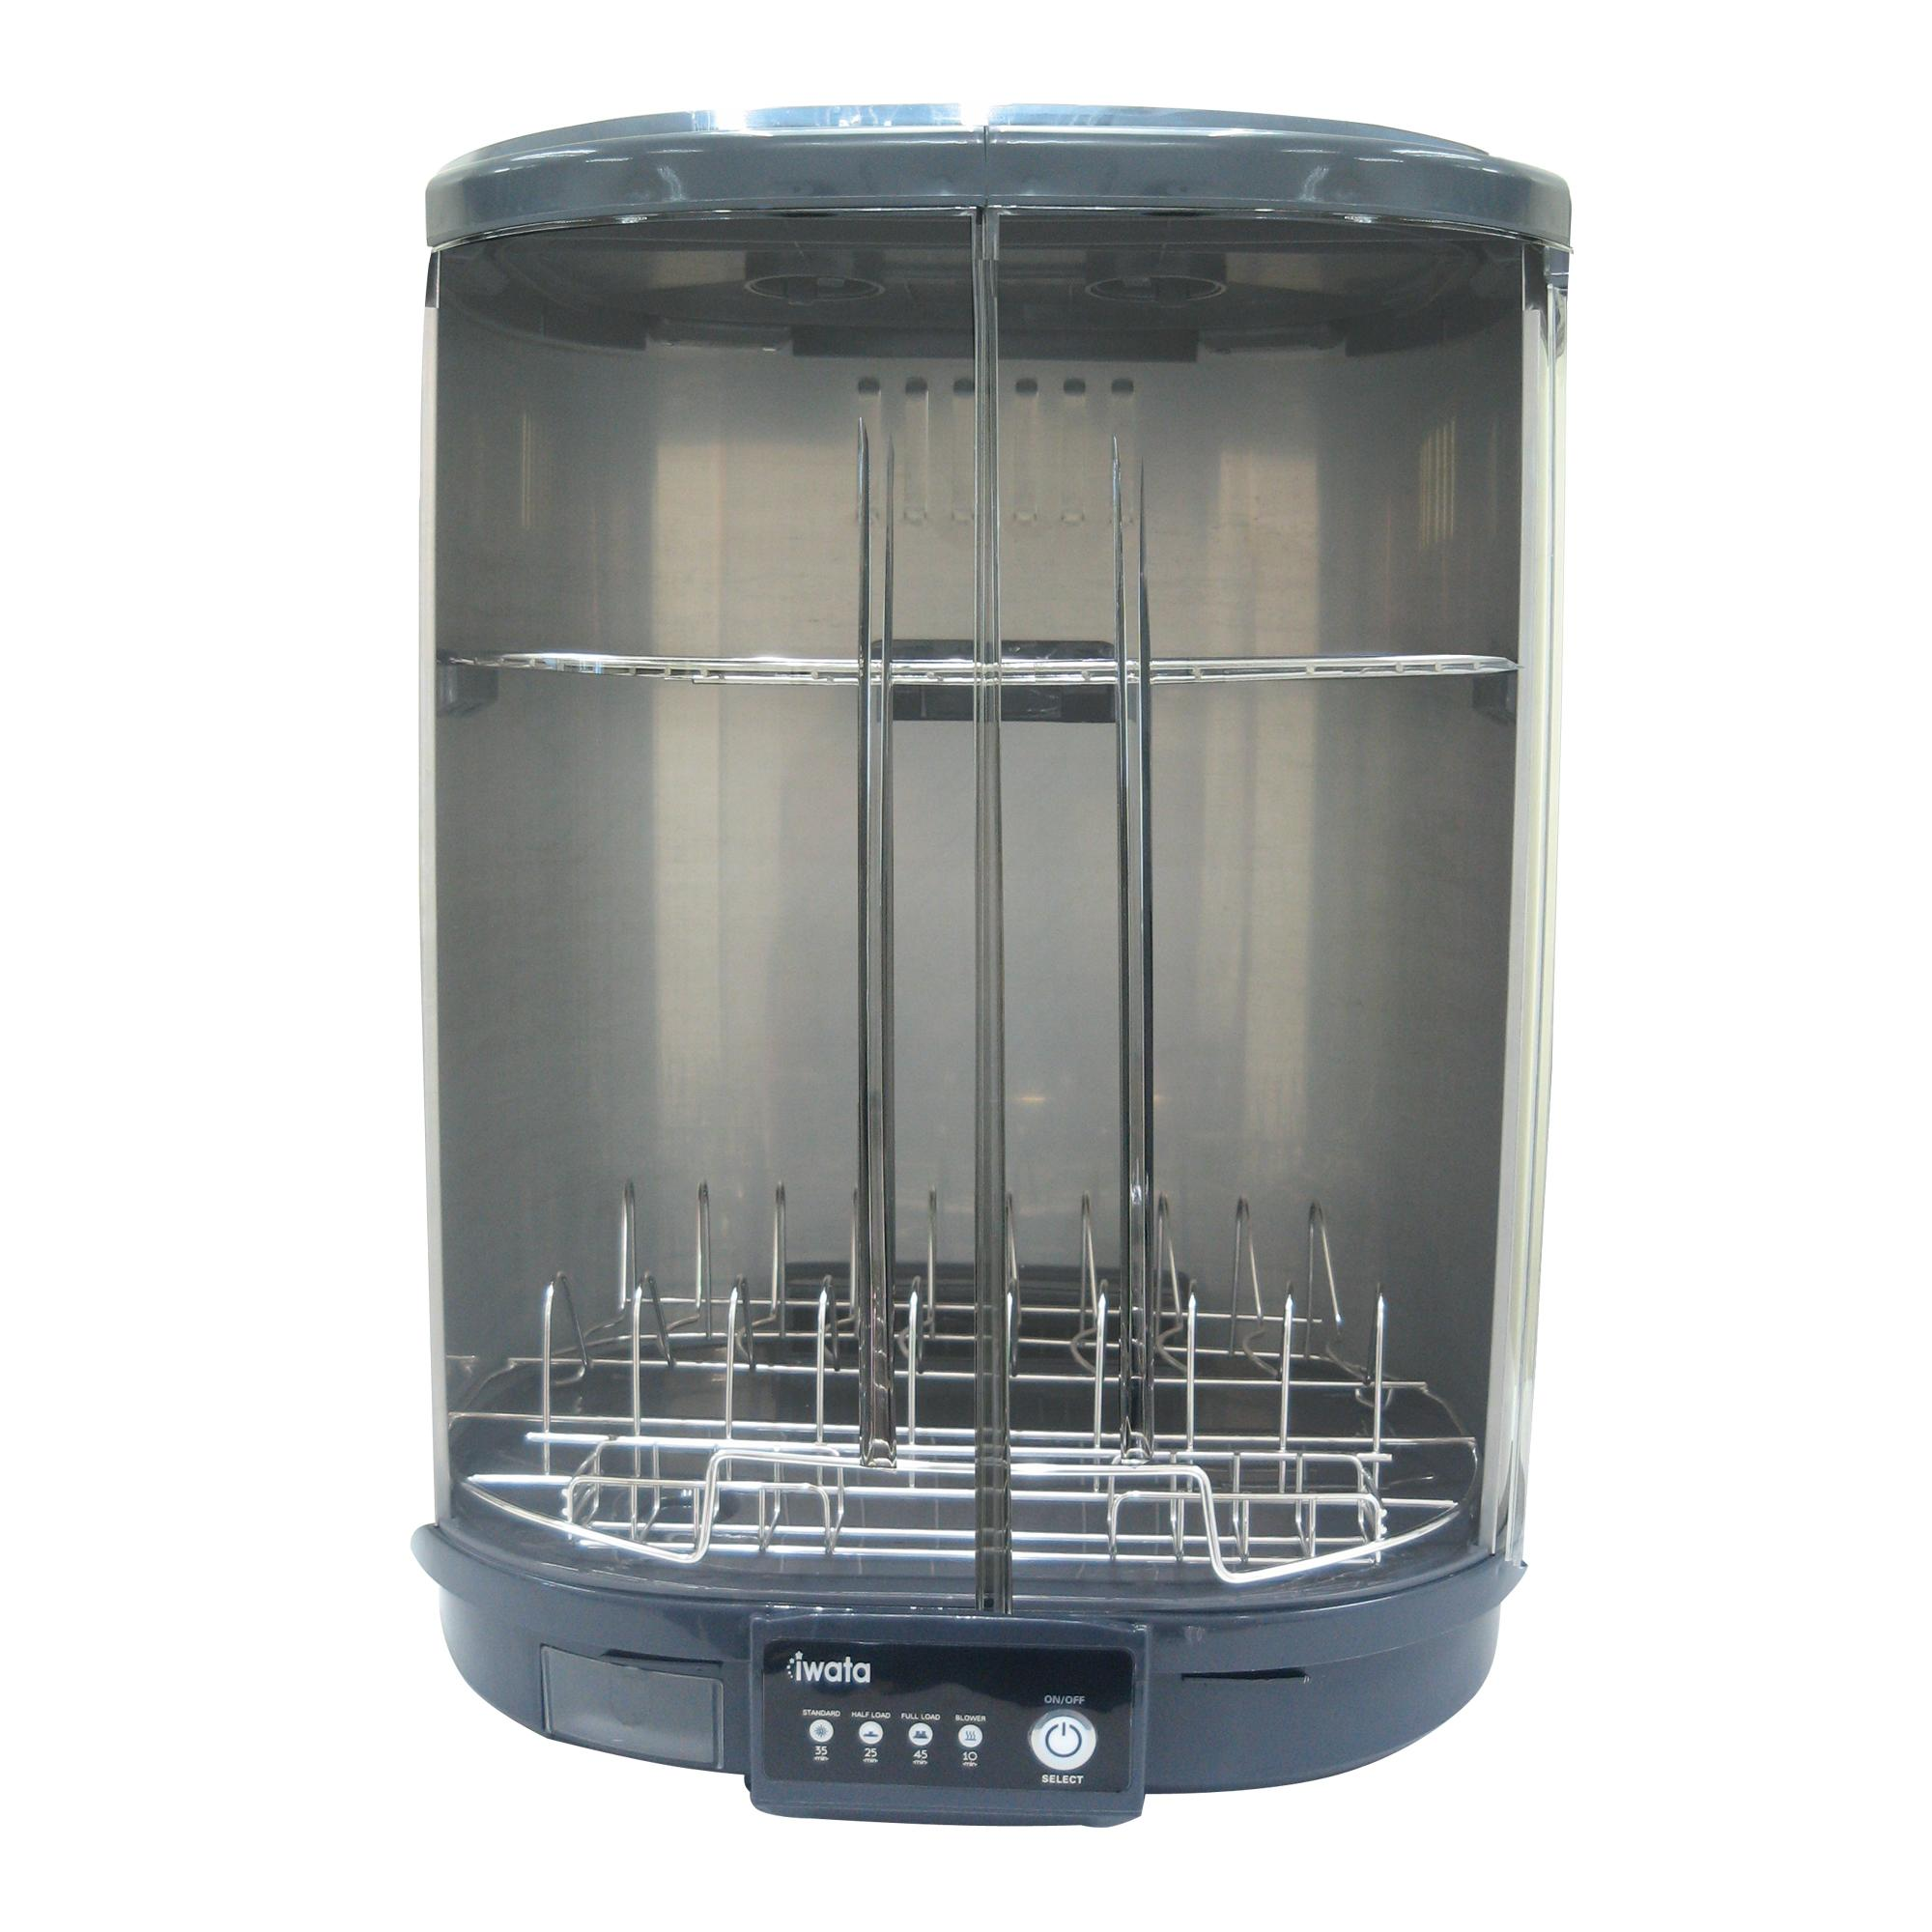 Iwata CM17DD 3 Electronic Dish Dryer